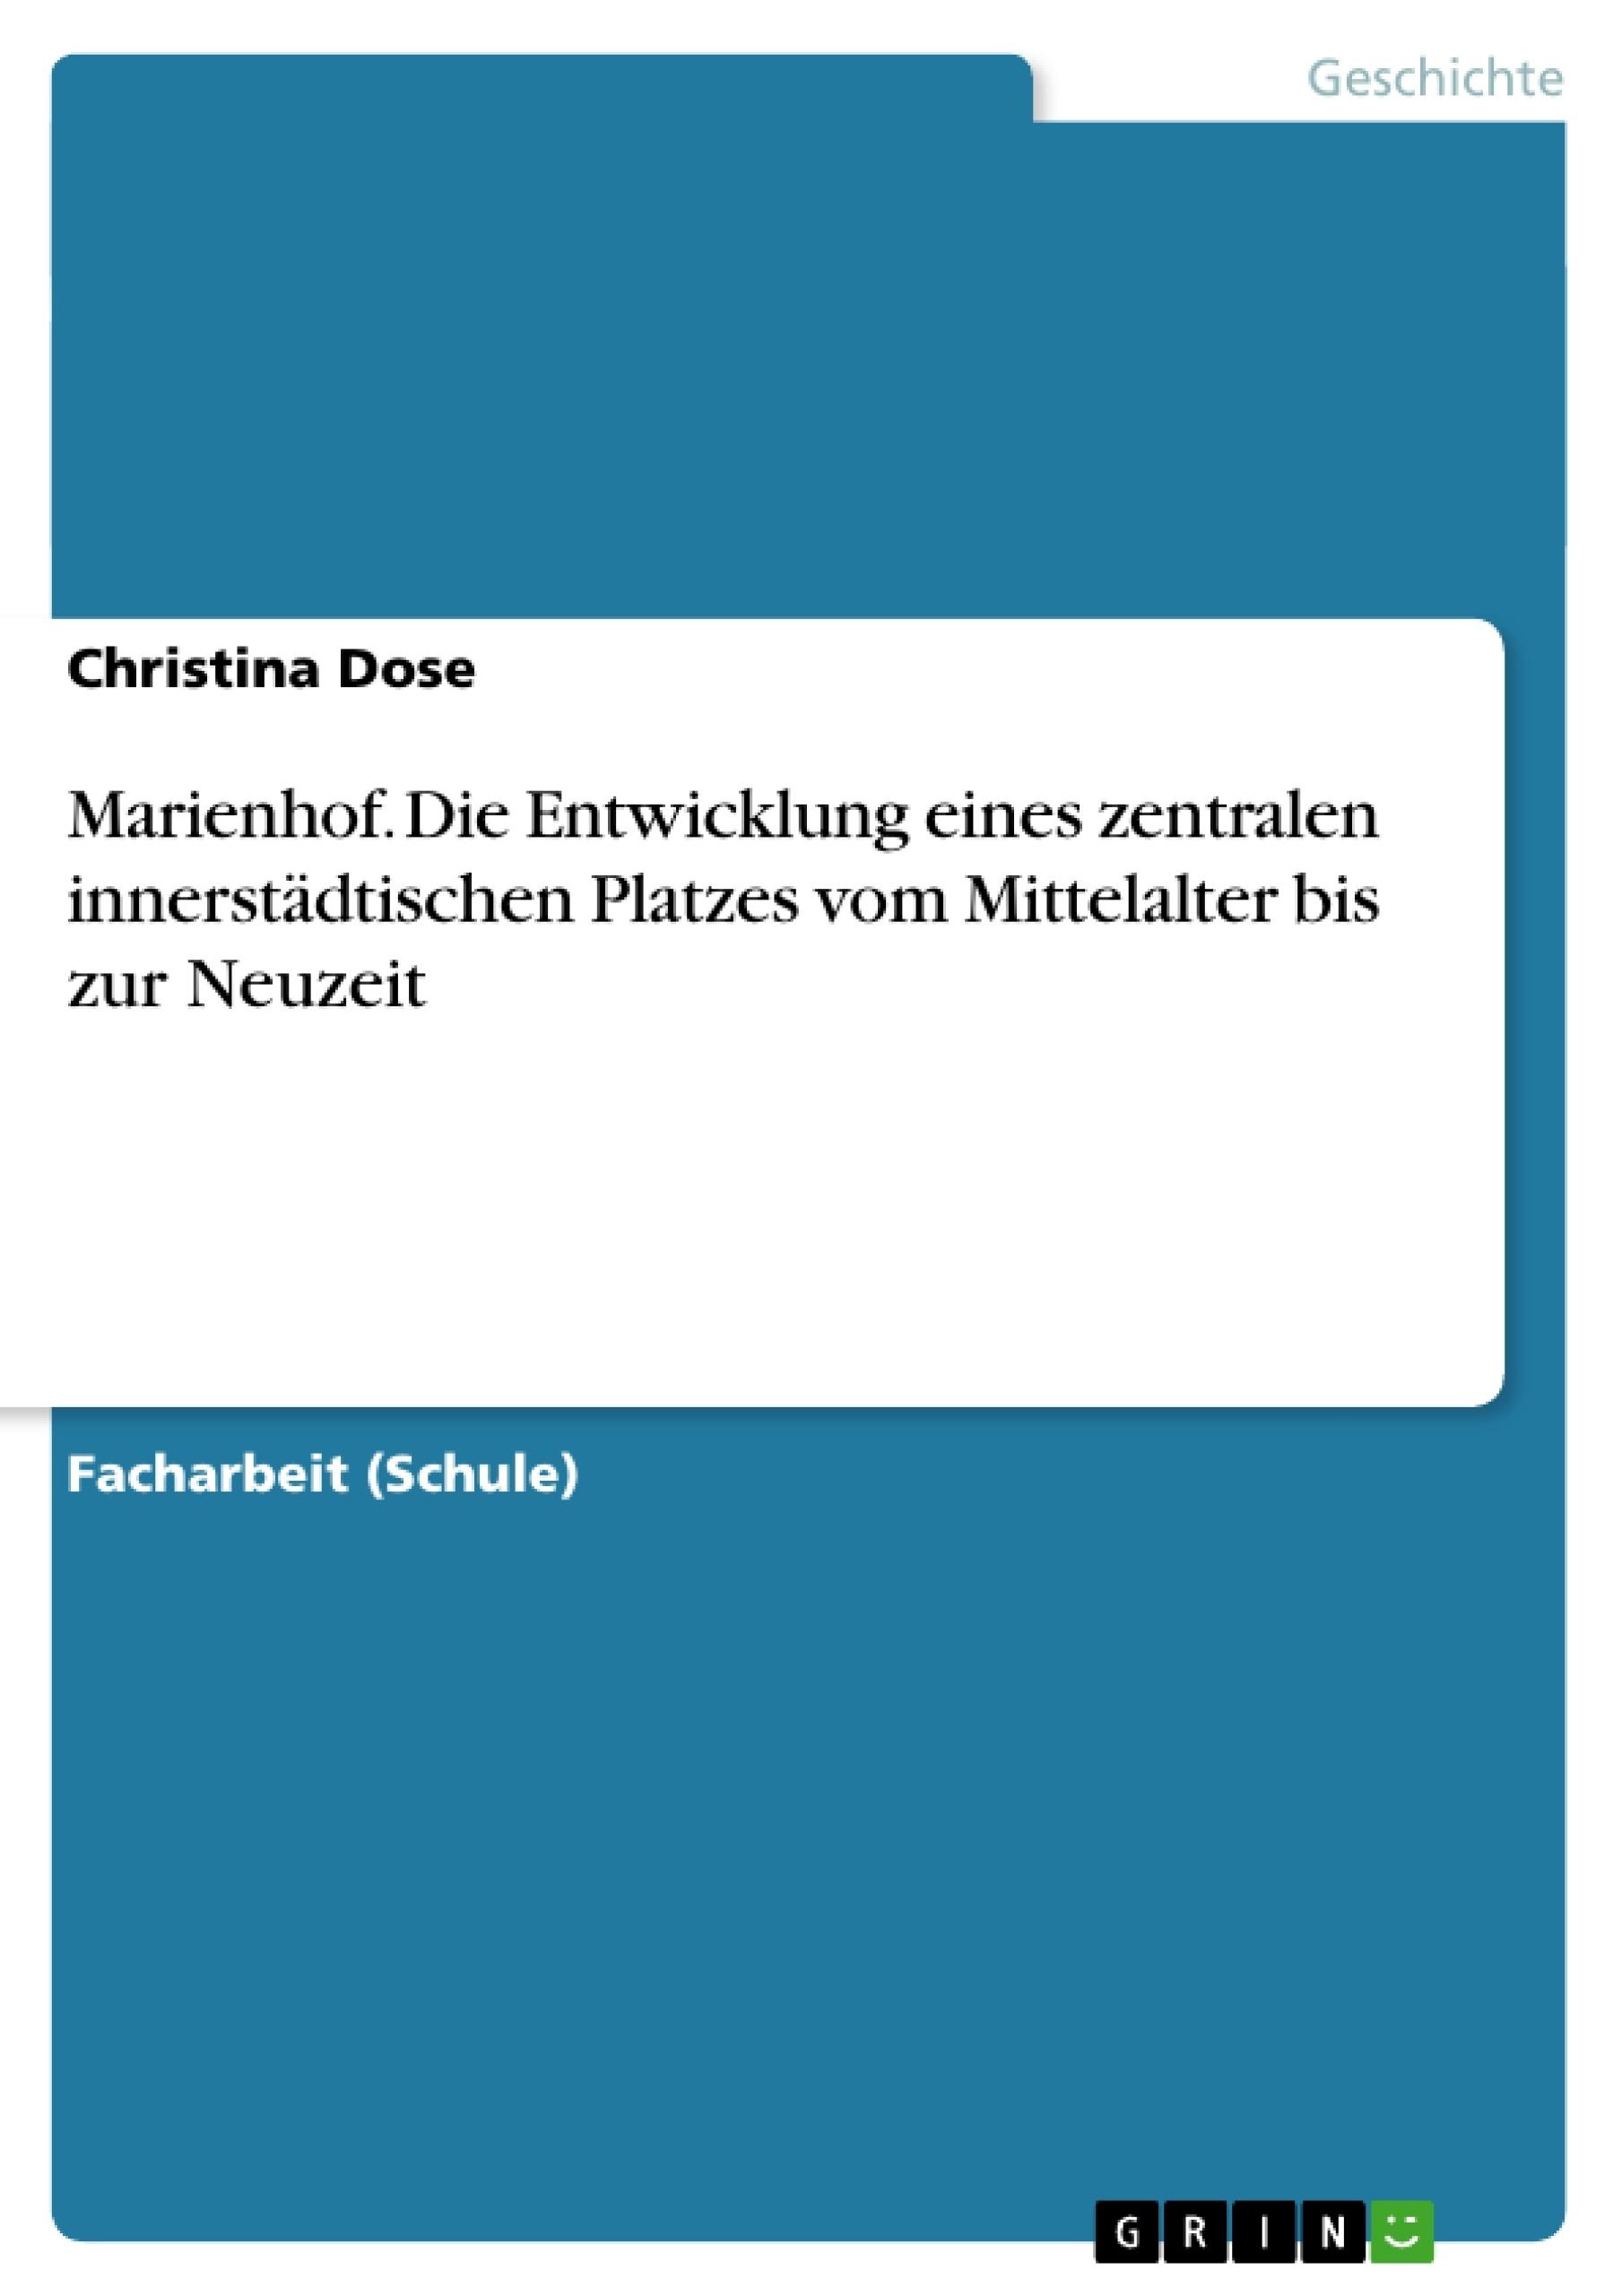 Titel: Marienhof. Die Entwicklung eines zentralen innerstädtischen Platzes vom Mittelalter bis zur Neuzeit